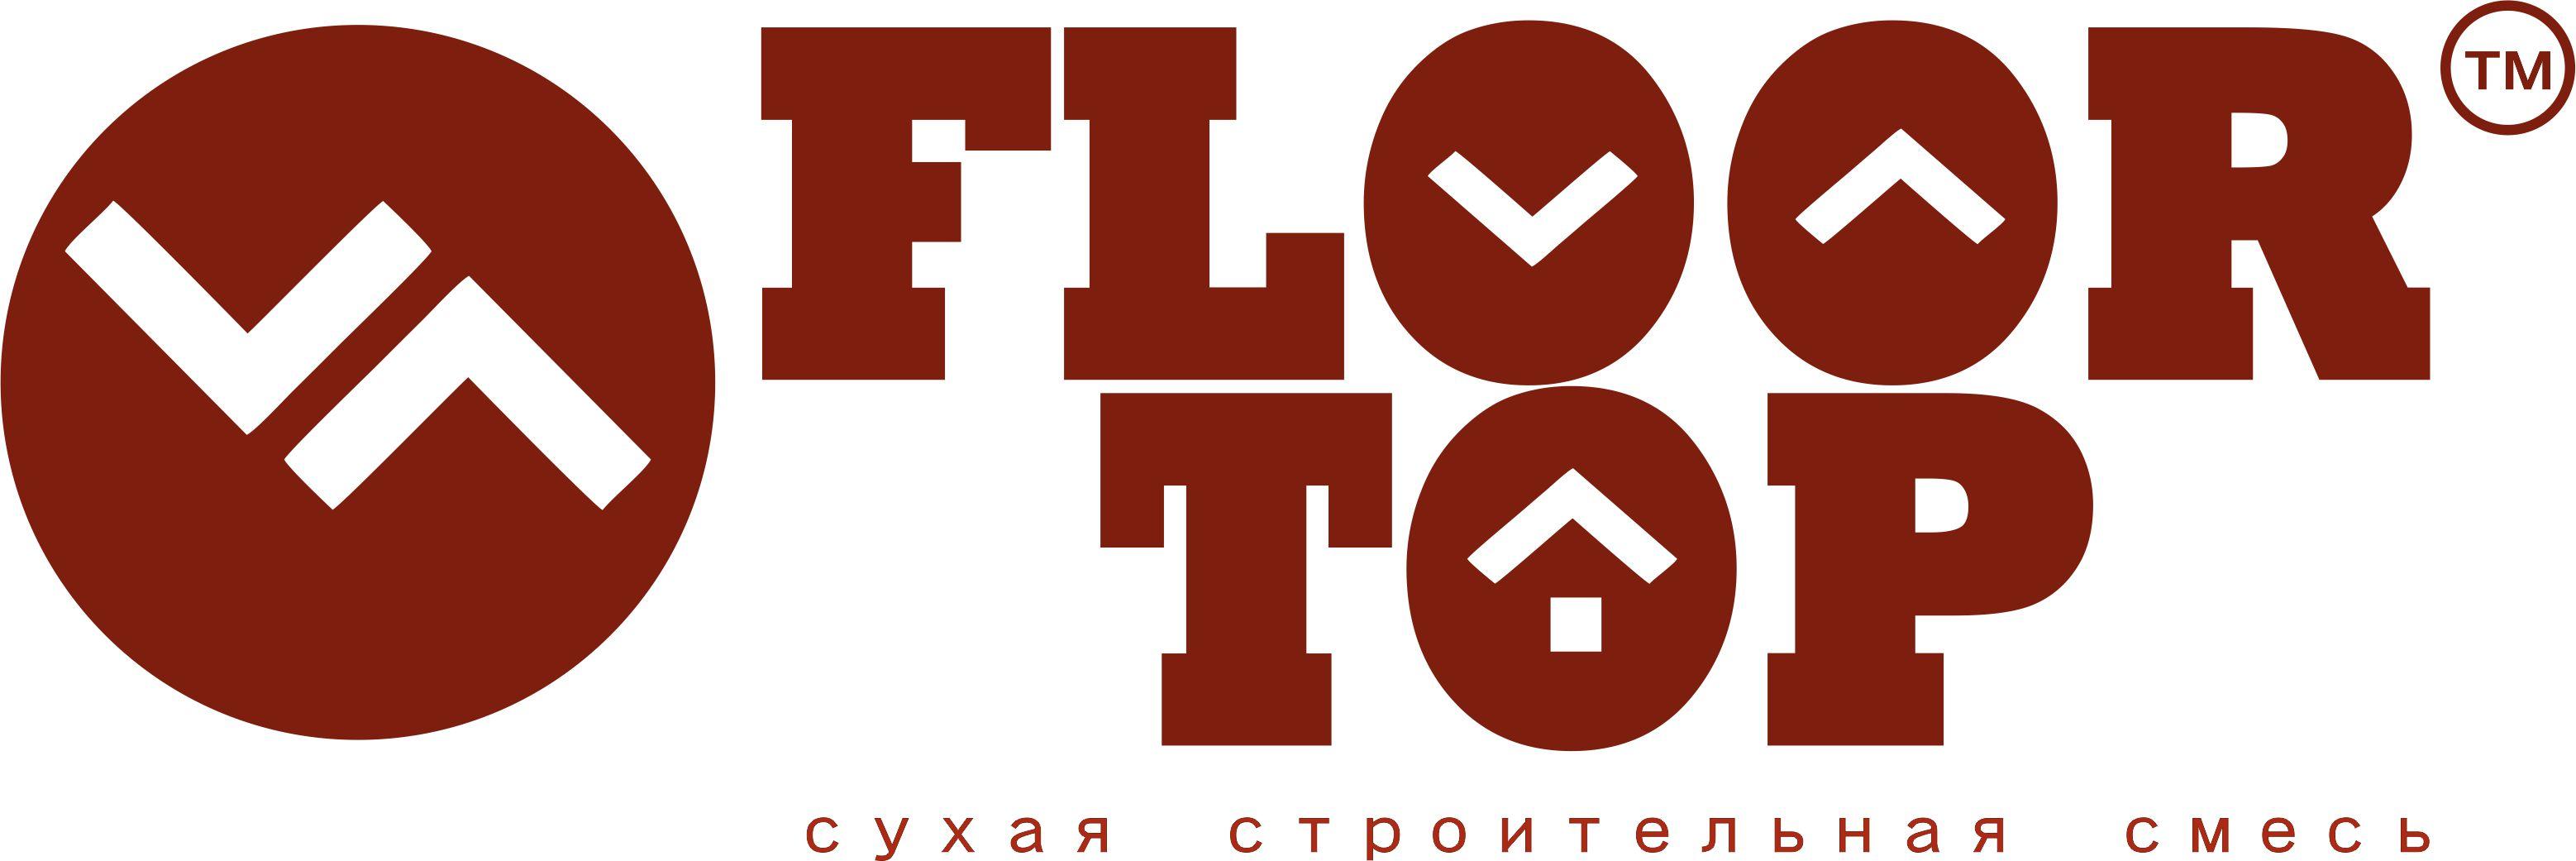 Разработка логотипа и дизайна на упаковку для сухой смеси фото f_3155d2b6cda4fd7a.jpg